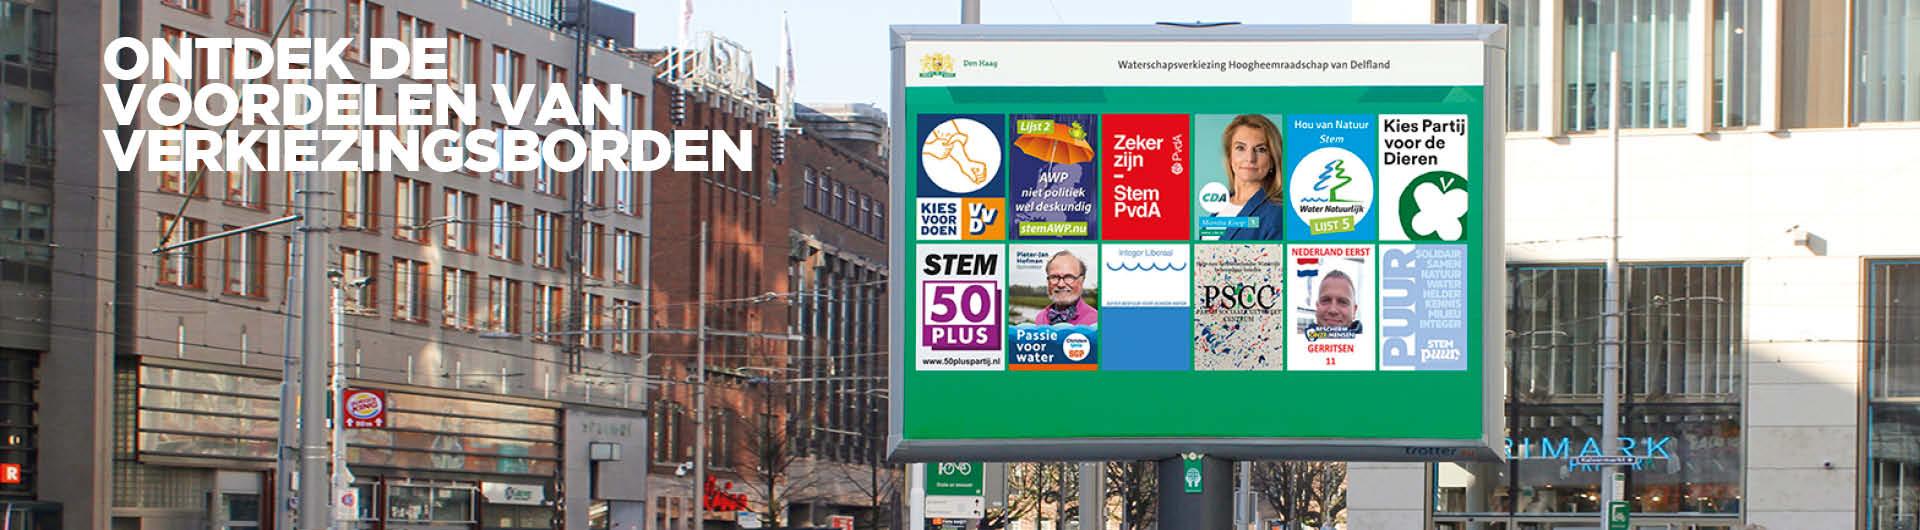 3 1920x530_Homepage Banner verkiezingen 2021 verkiezingsborden